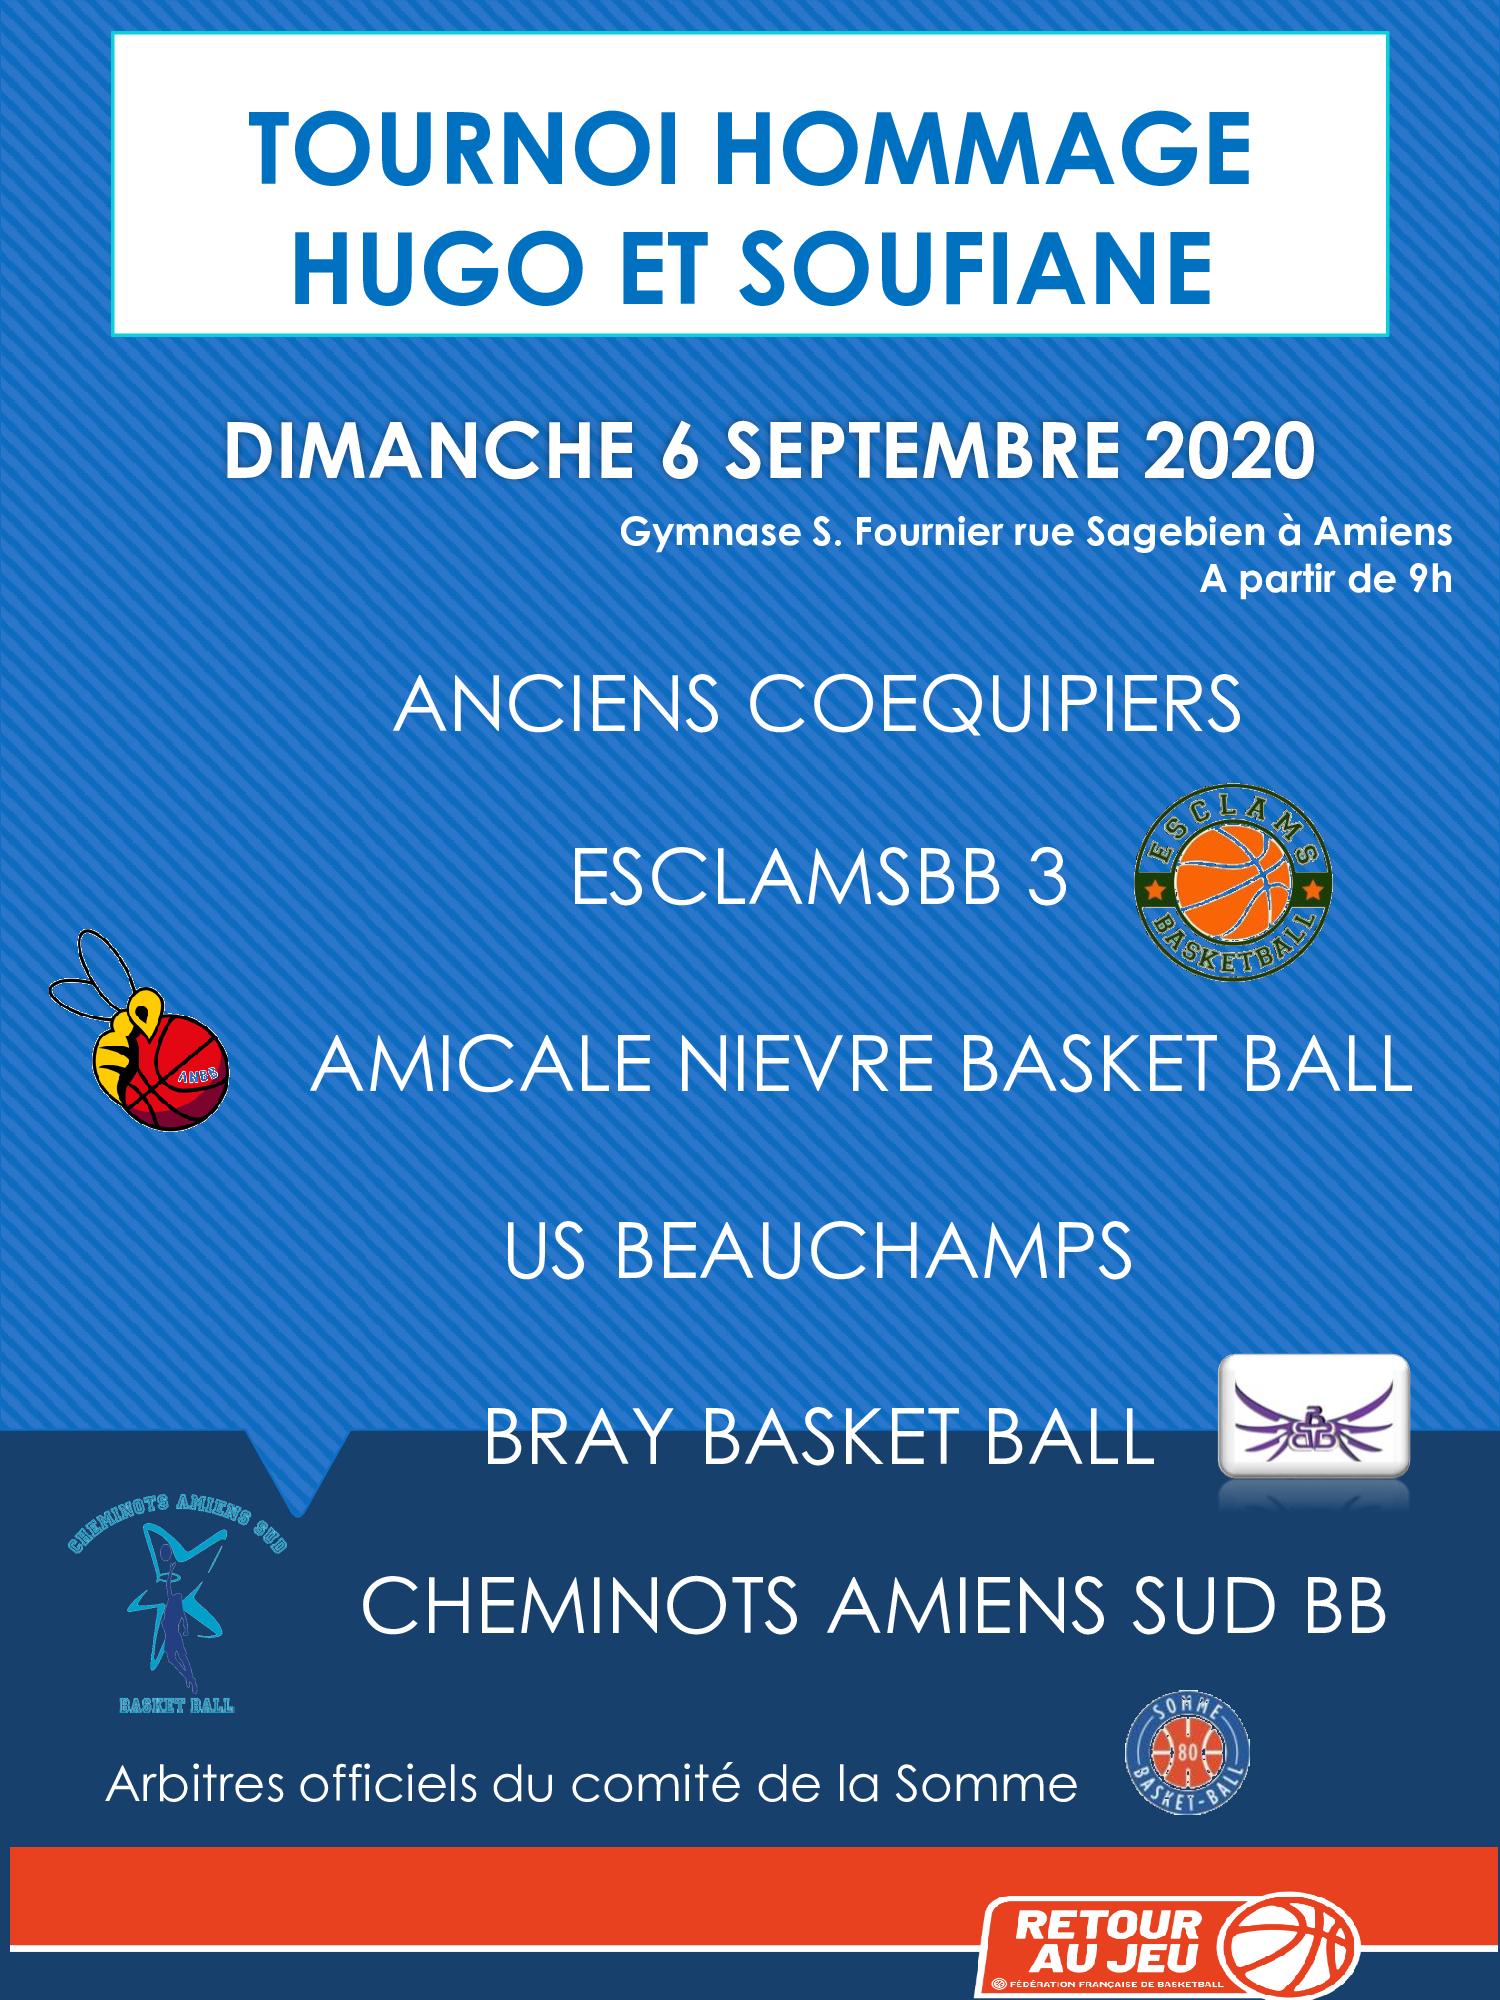 AFFICHE-TOURNOI-HOMMAGE-HUGO-ET-SOUFIANE-2